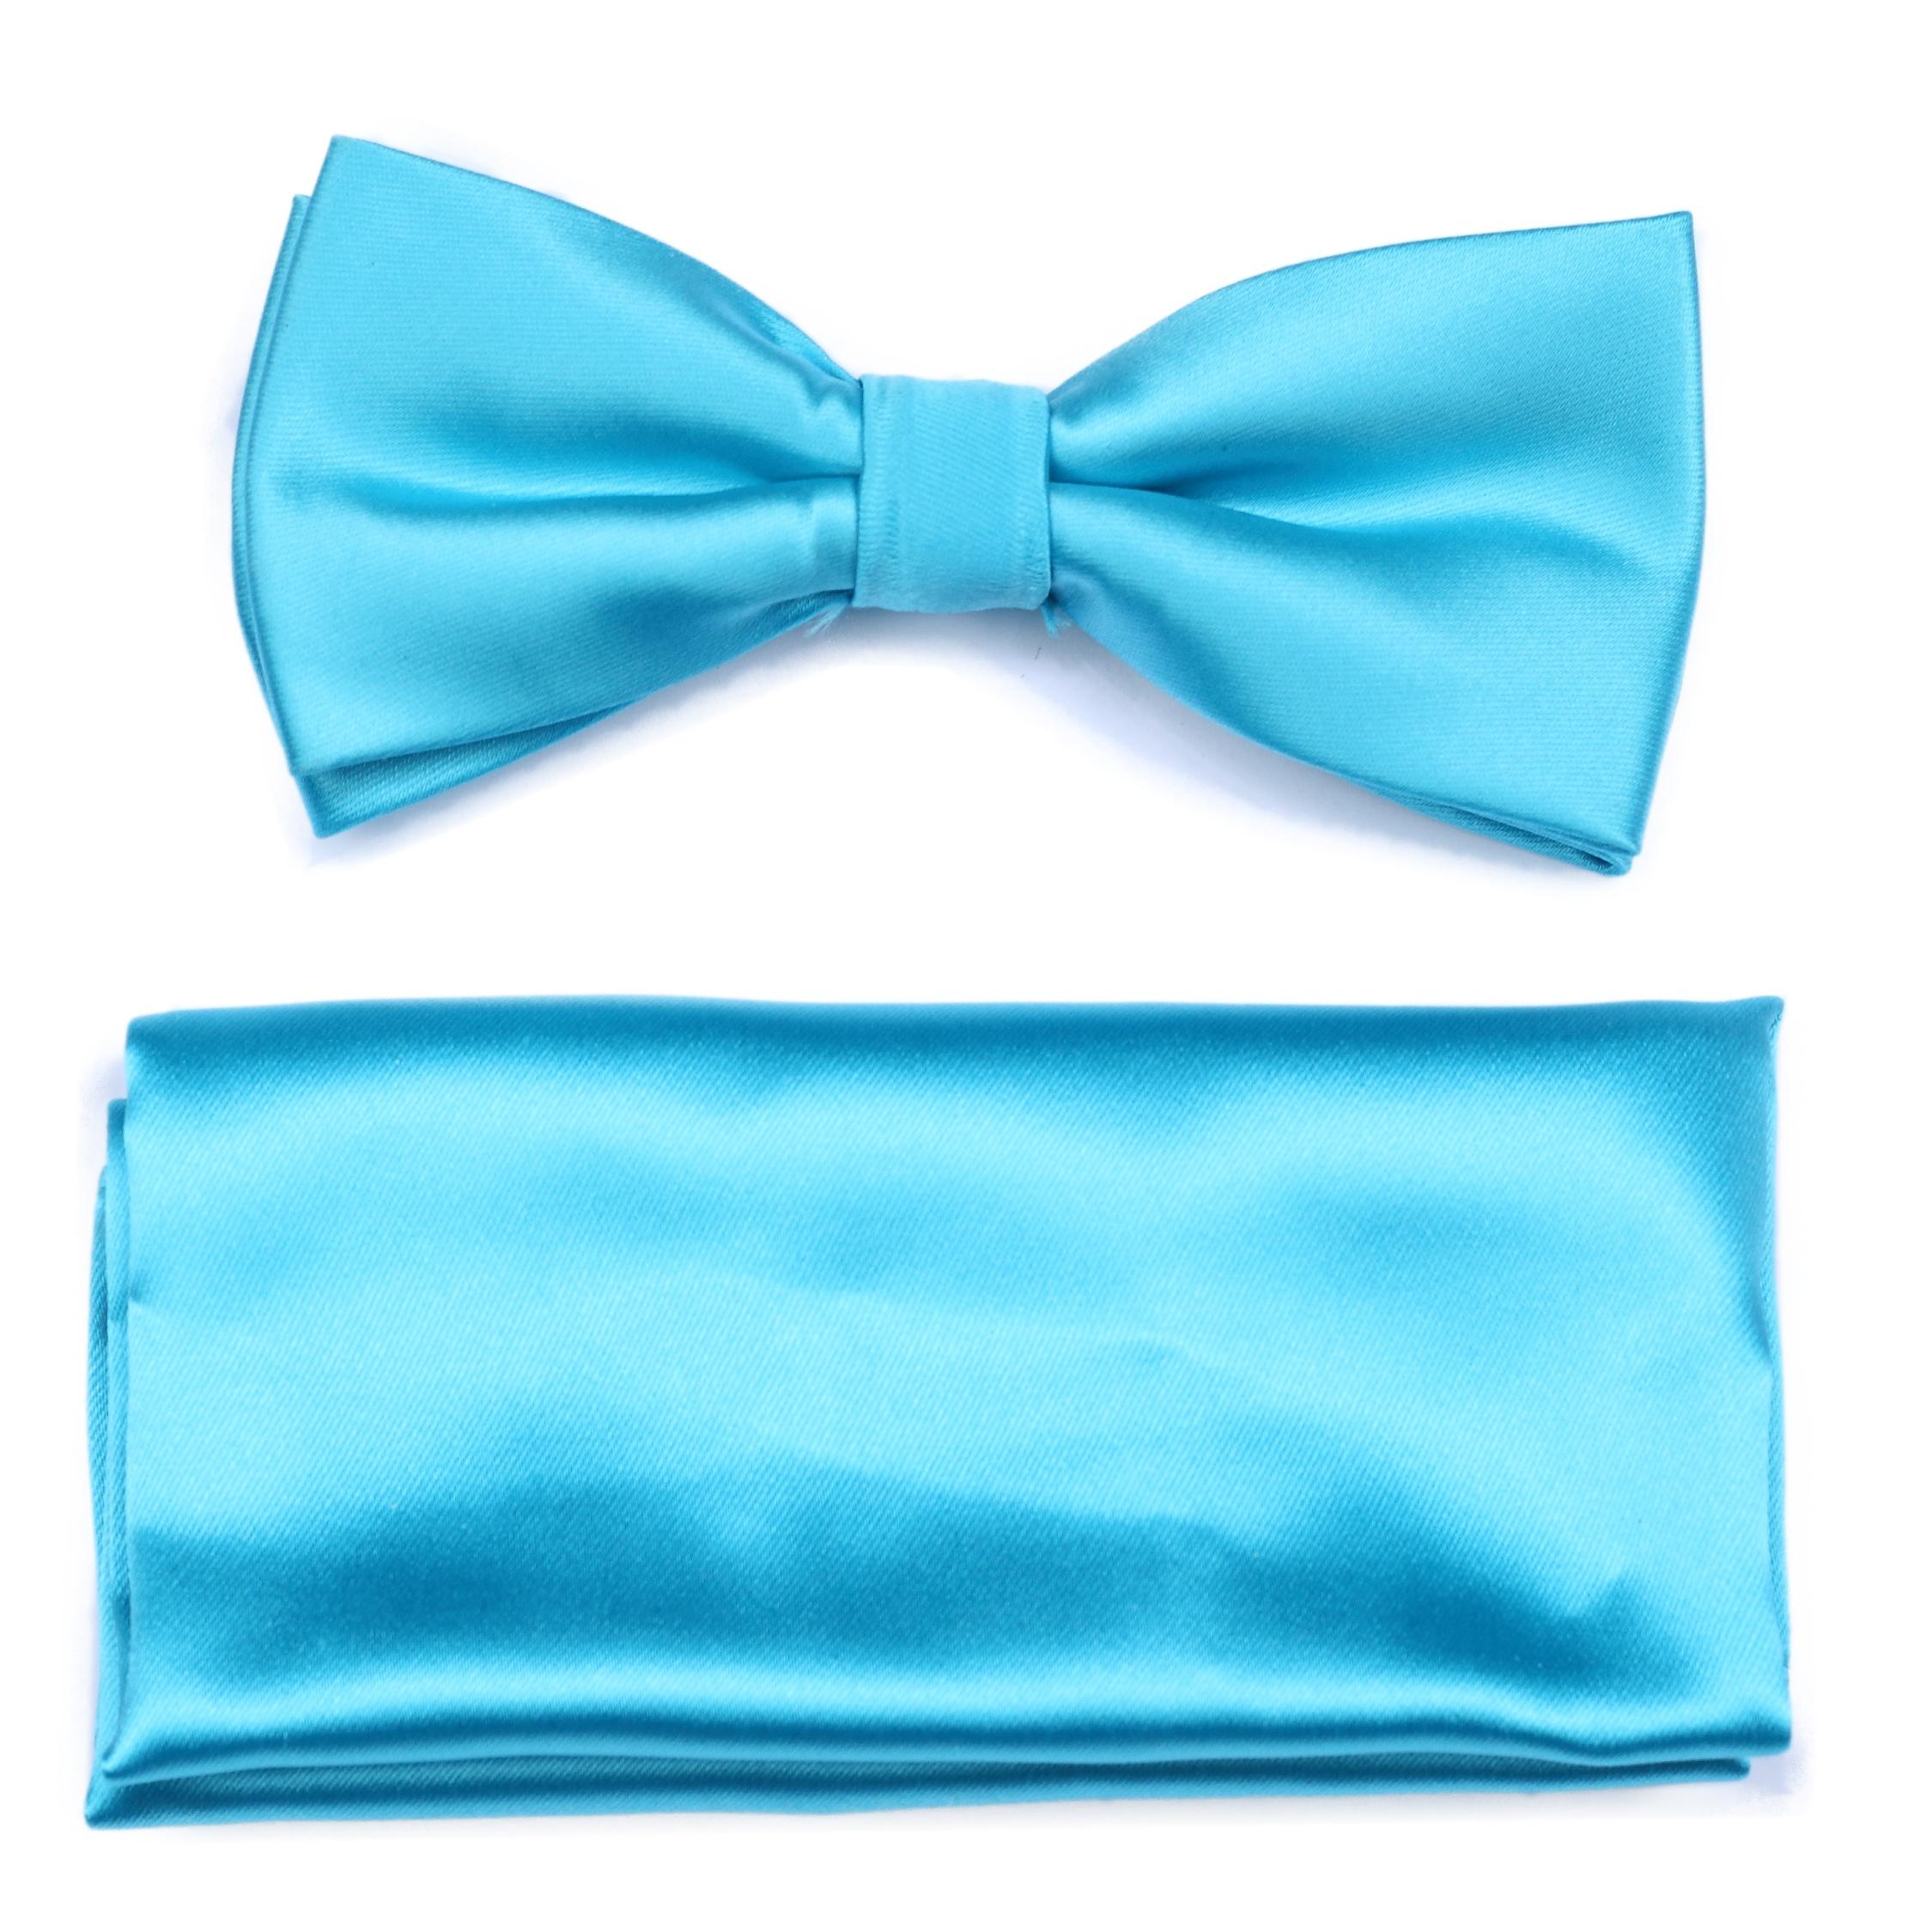 https://www.leadermode.com/148321/virtuose-uni-pochette-bleu-turquoise.jpg